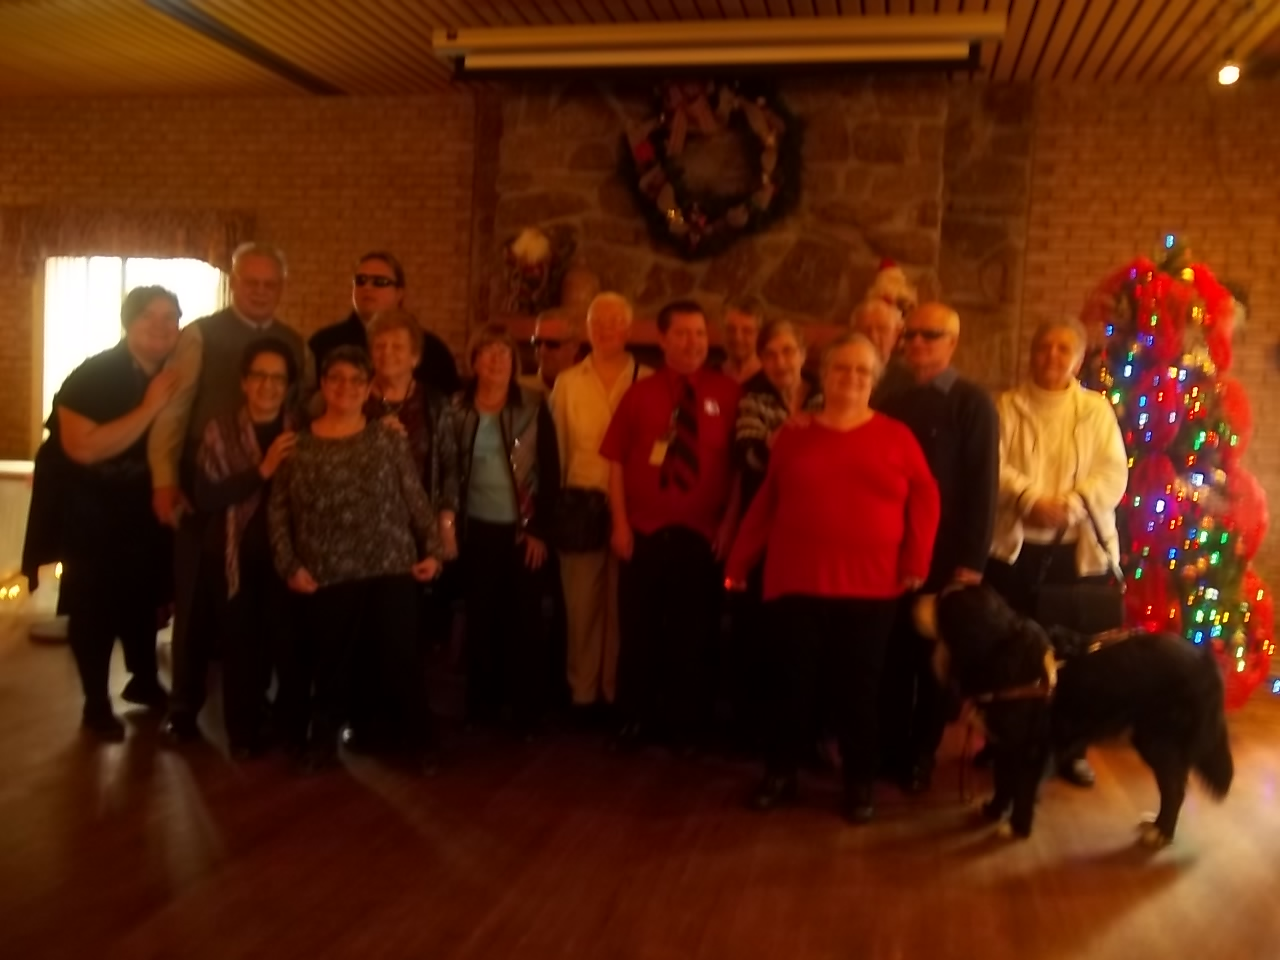 Groupe qui a participé au dîner de Noël qui a eu lieu le 11 décembre 2016 au Chalet du ruisseau situé à Mirabel.